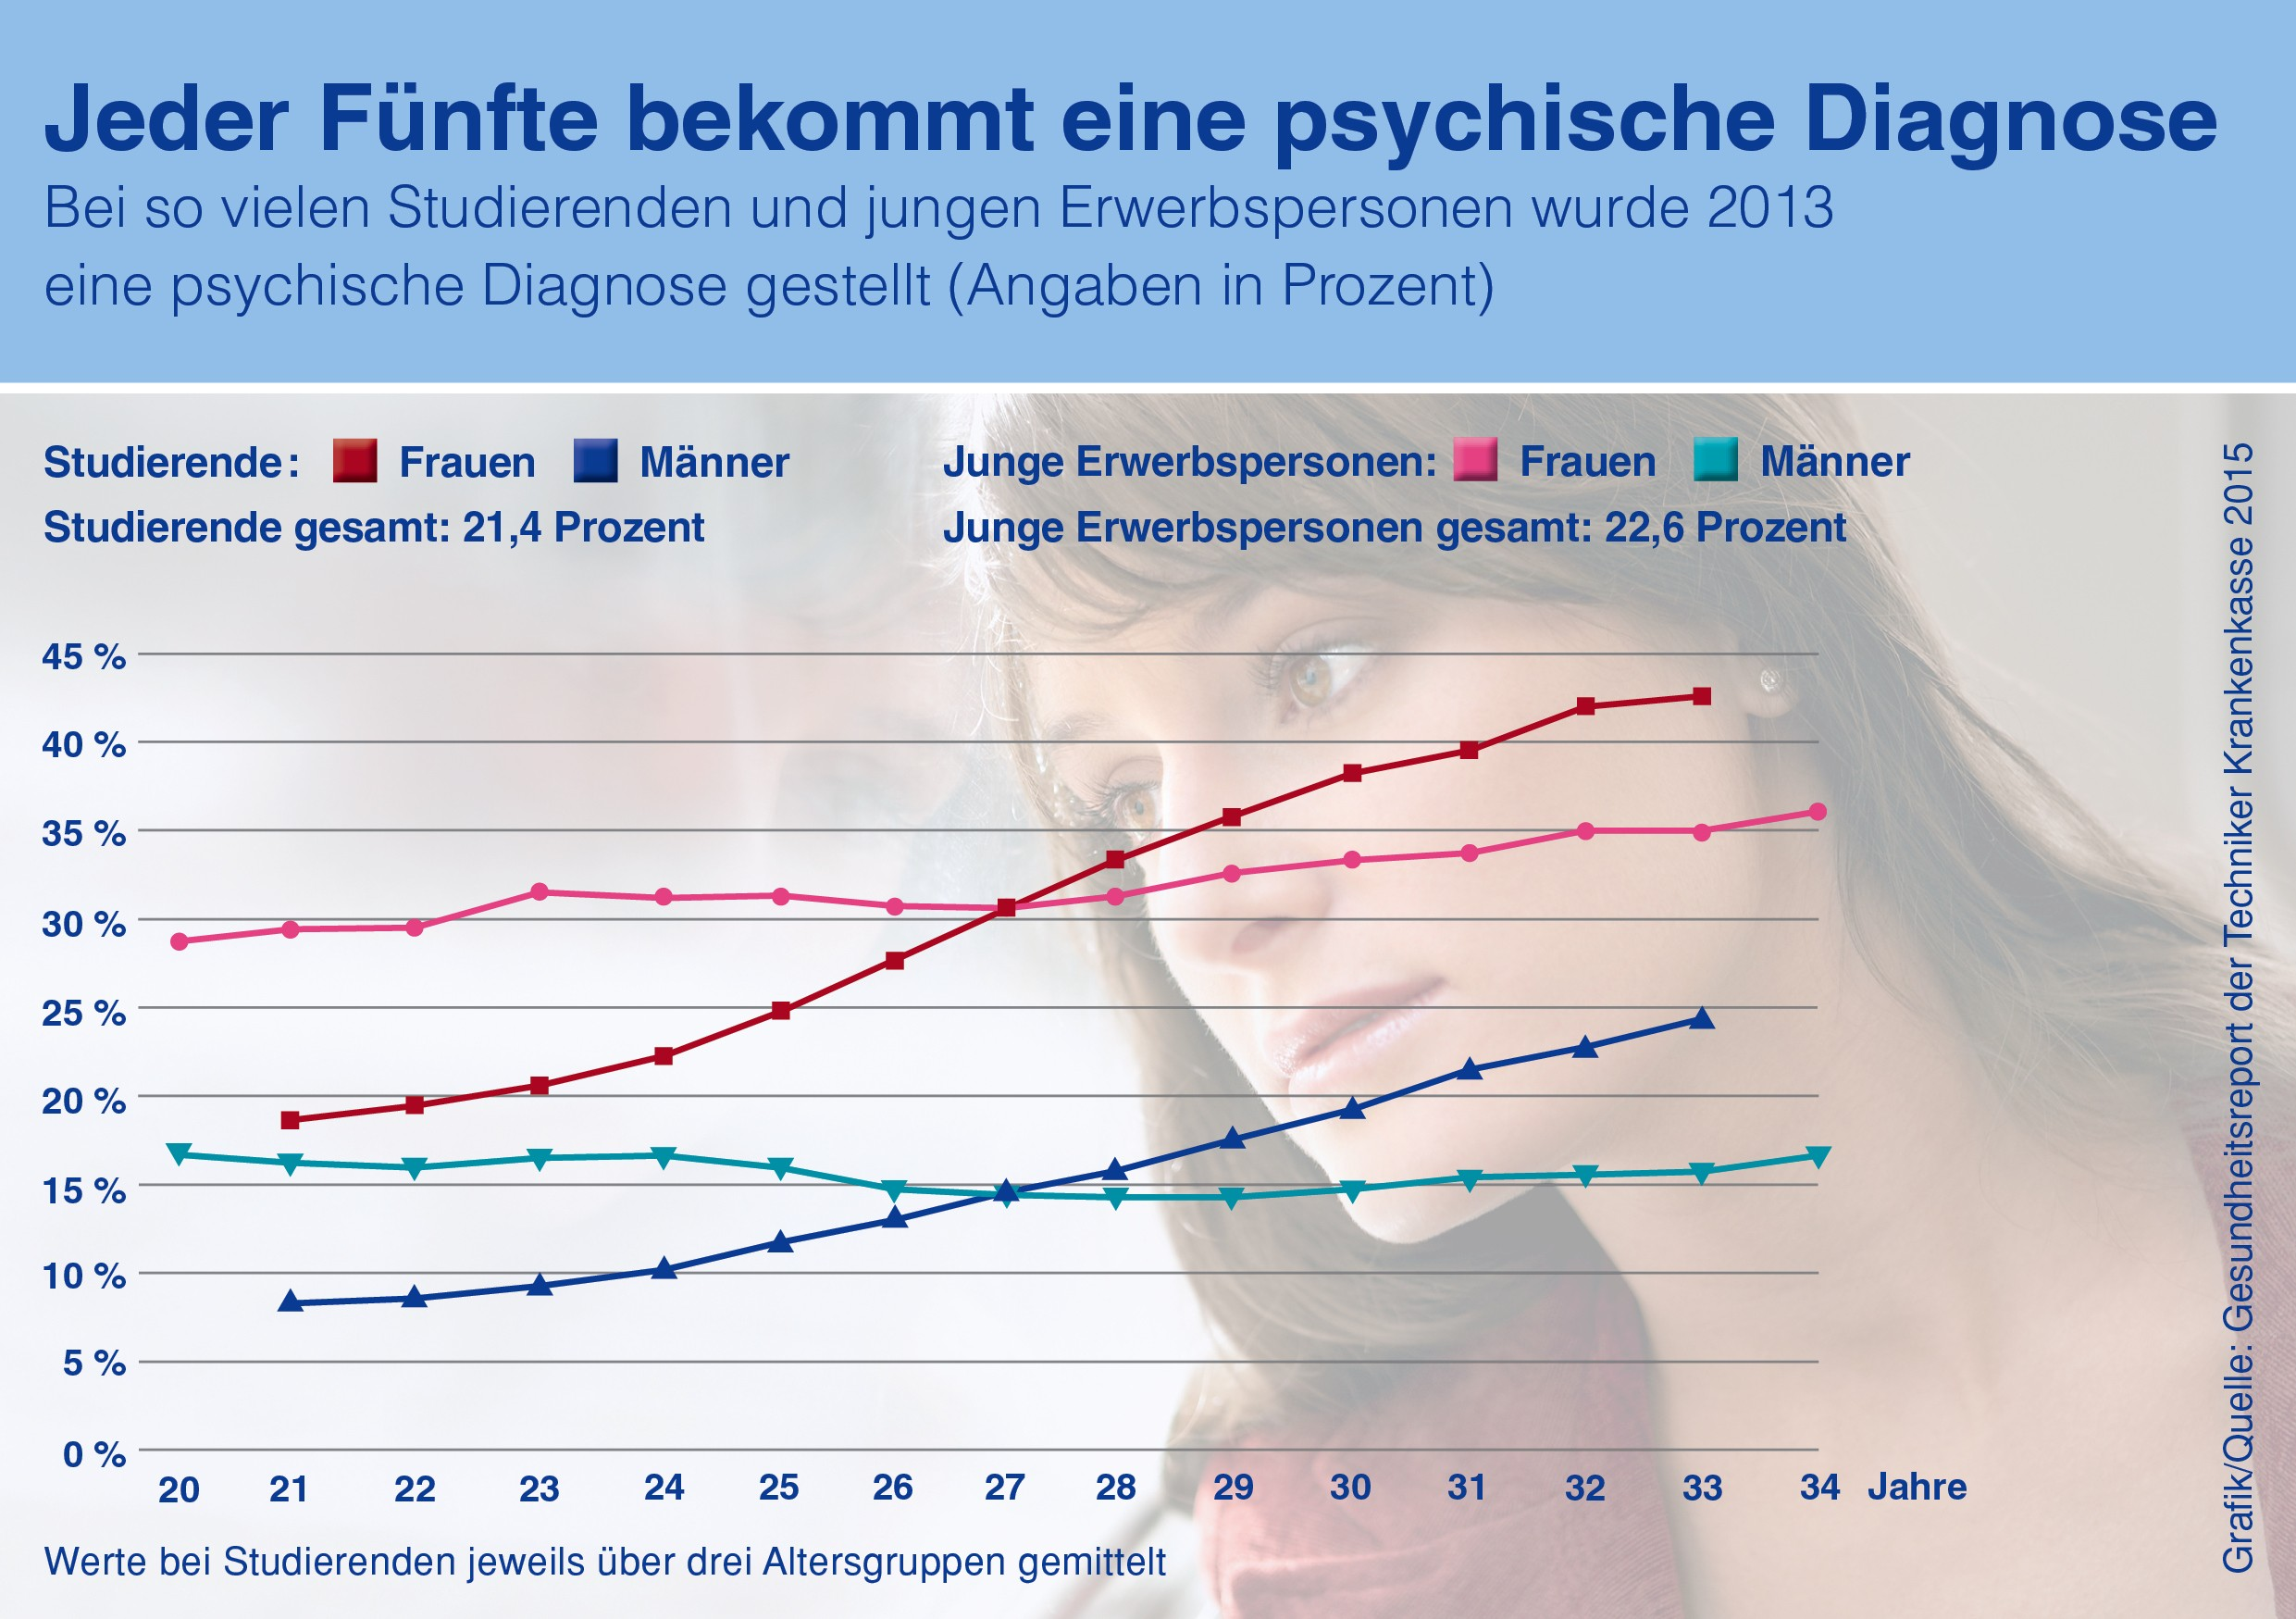 Jeder fünfte Student bekommt eine psychische Diagnose. Mit de Abschluss einer Berufsunfähigkeitsversicherung wird es dann schwierig. Grafikquelle: Techniker Krankenkasse